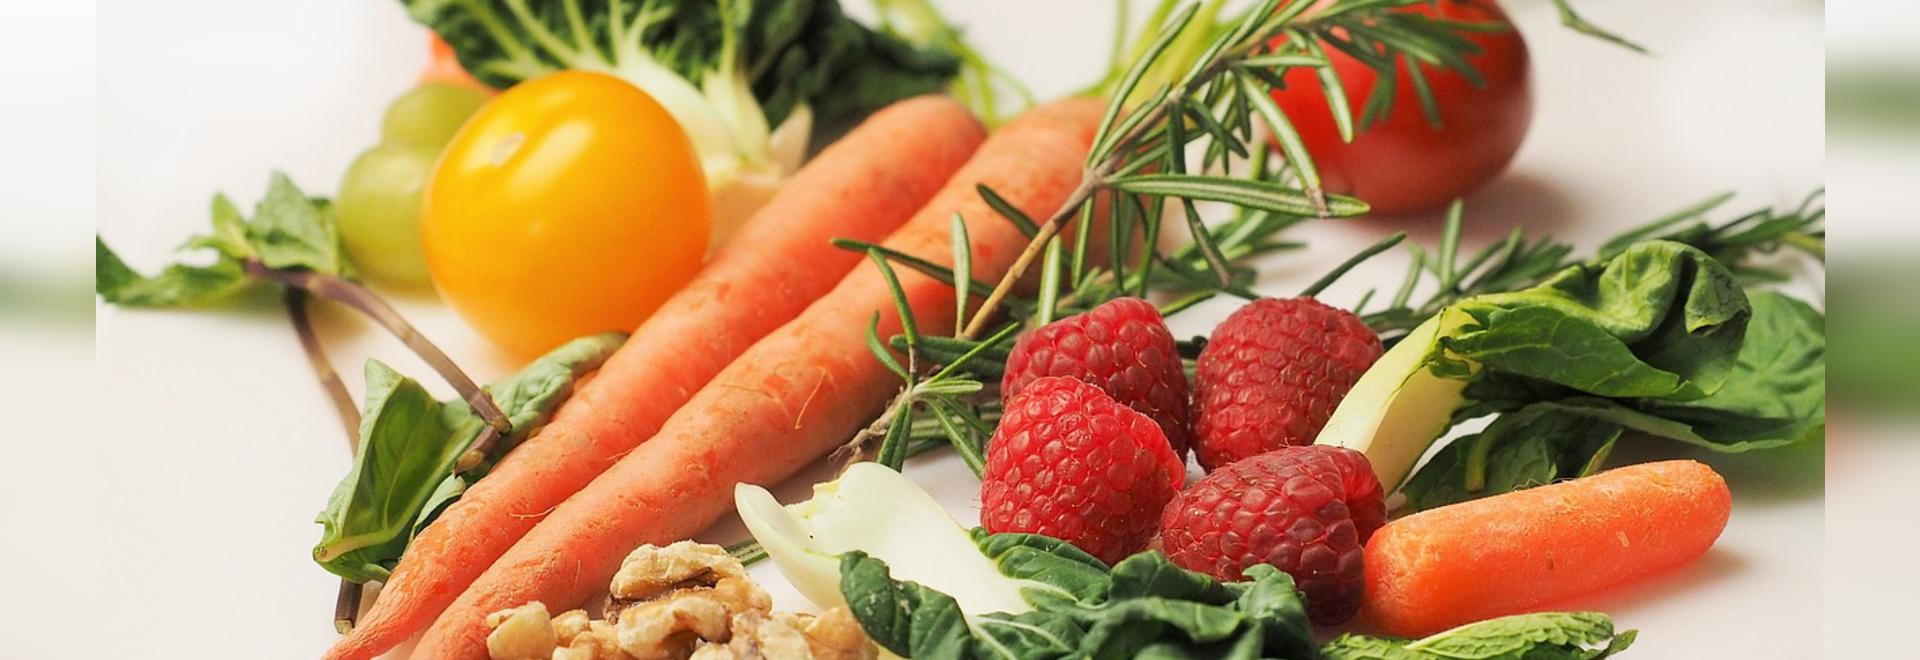 Choline: Ein wichtiger Nährstoffmangel in der pflanzlichen Ernährung